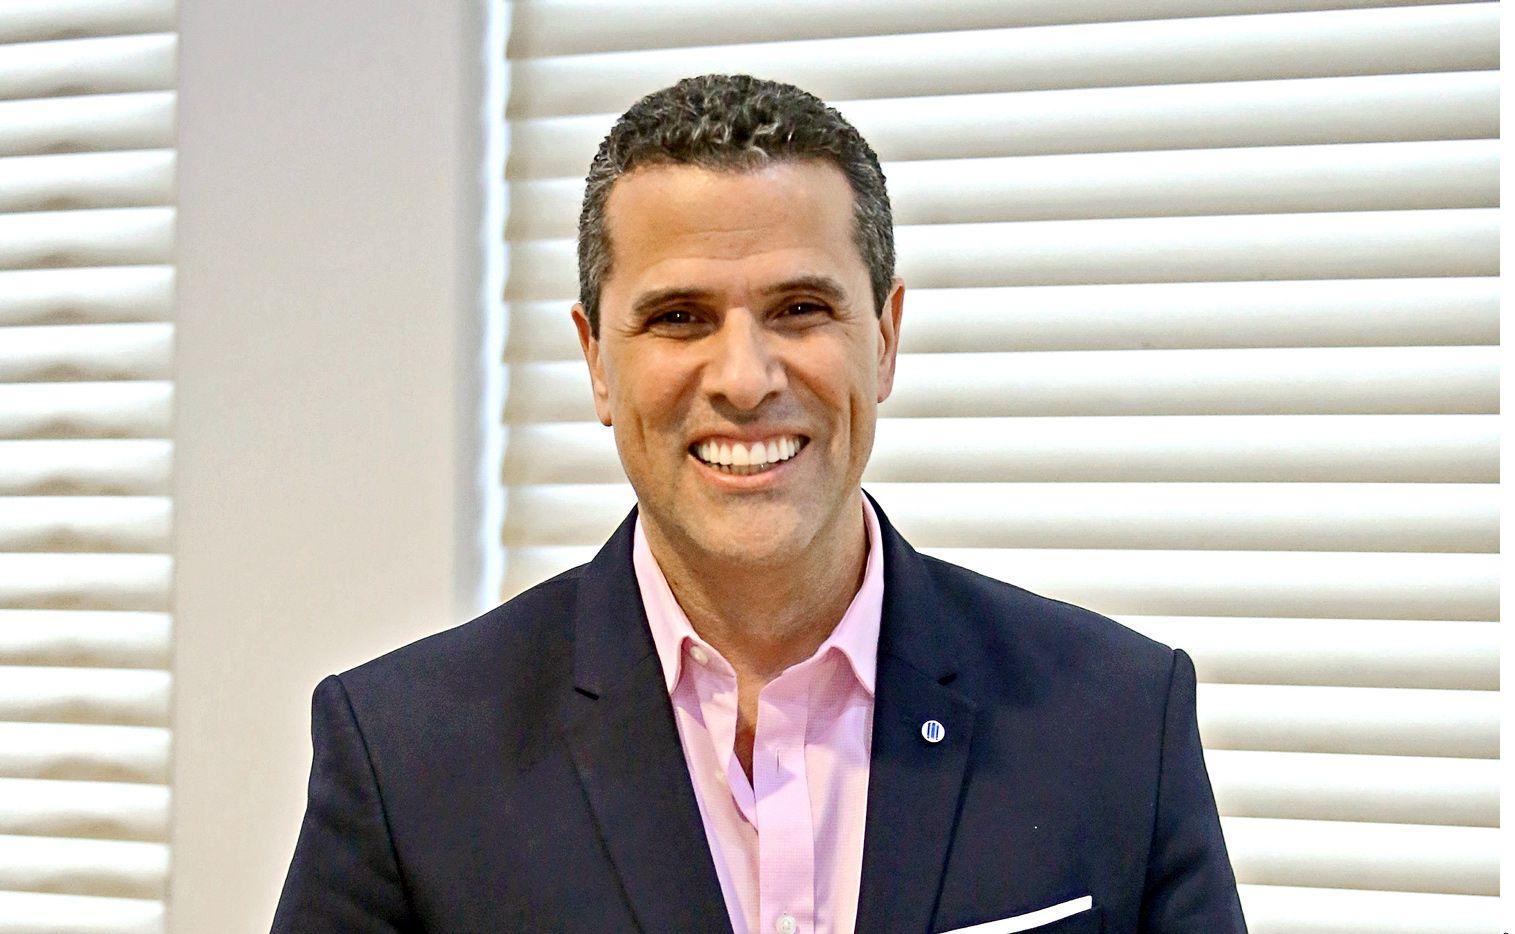 Marco Antonio Regil asegura que no es millonario, pero disfruta estabilidad financiera para elegir sus proyectos. (AGENCIA REFORMA)